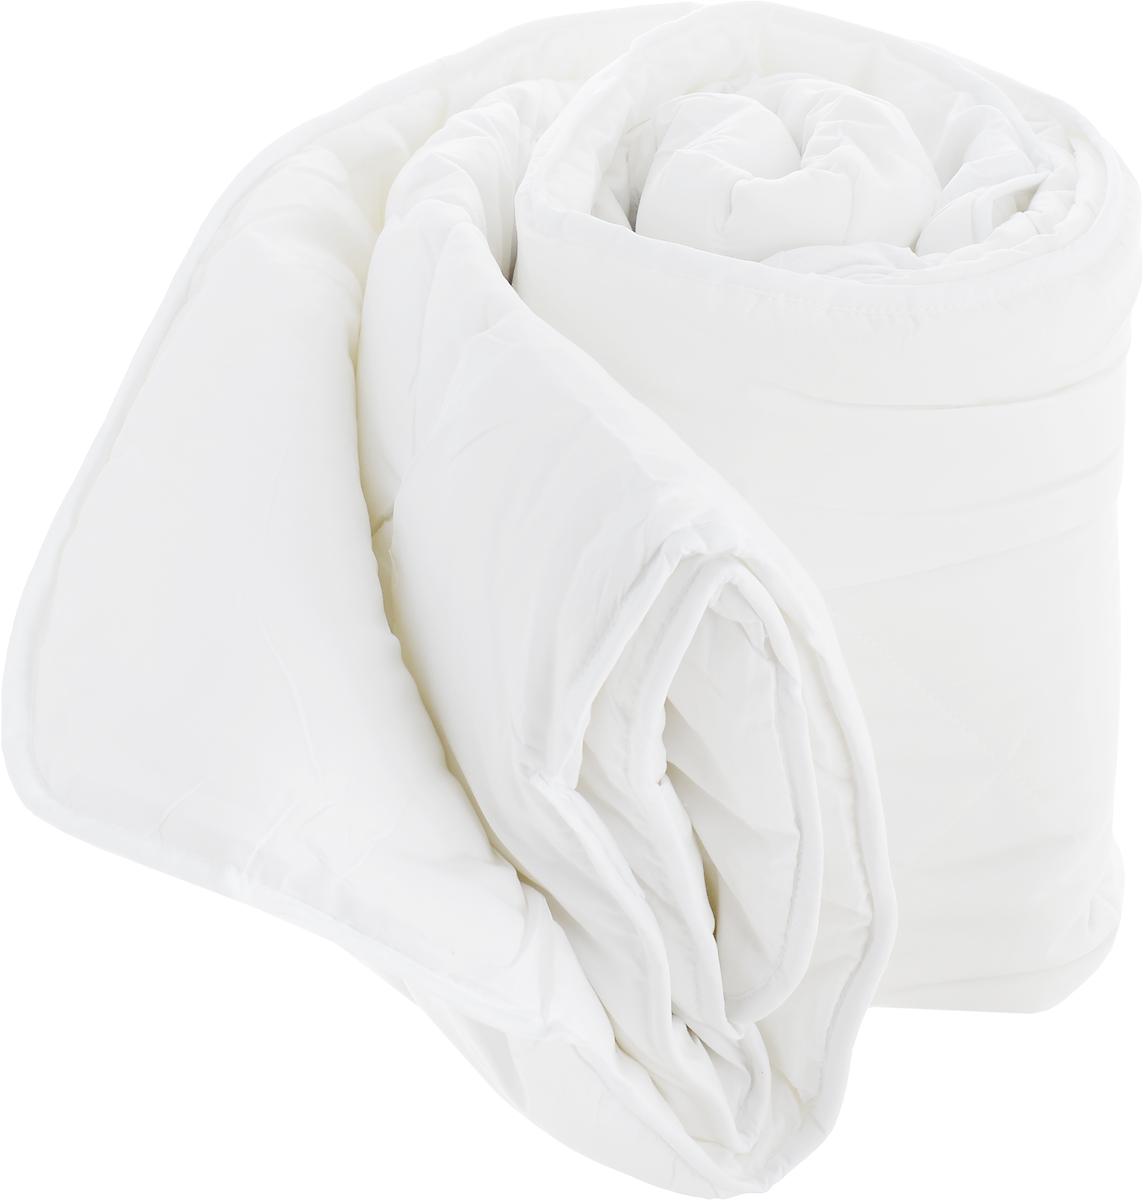 Одеяло Коллекция Лебяжий пух, 2-спальное, всесезонное, наполнитель: силиконизированное волокноОЛП-2Одеяло не вызывает аллергии, не впитывает запахи и пыль, великолепно сохраняет форму после многочисленных стирок и сушек. Уход за одеялом не составляет труда, оно не образует катышков. Способствует свободной циркуляции воздуха, поглощает влагу и сохраняет тепло. Размер одеяла: 170 х 200 см.